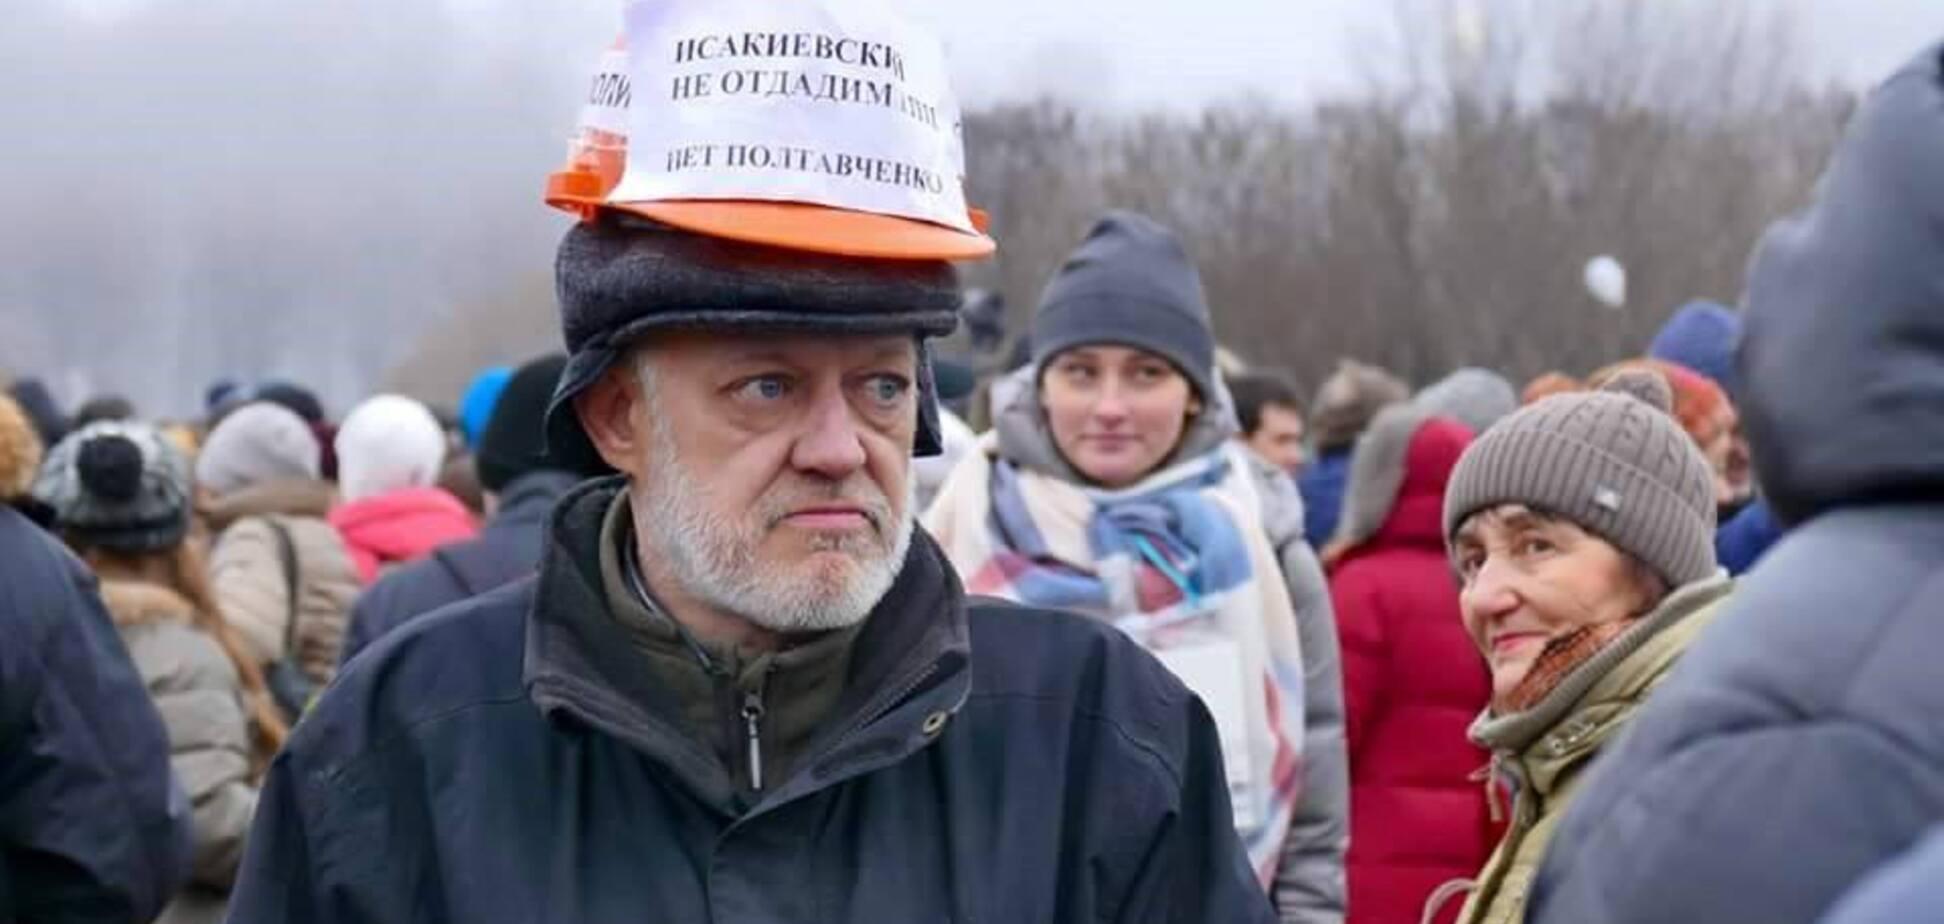 'Борець із путінізмом': у Росії знайдено мертвим відомого опозиціонера